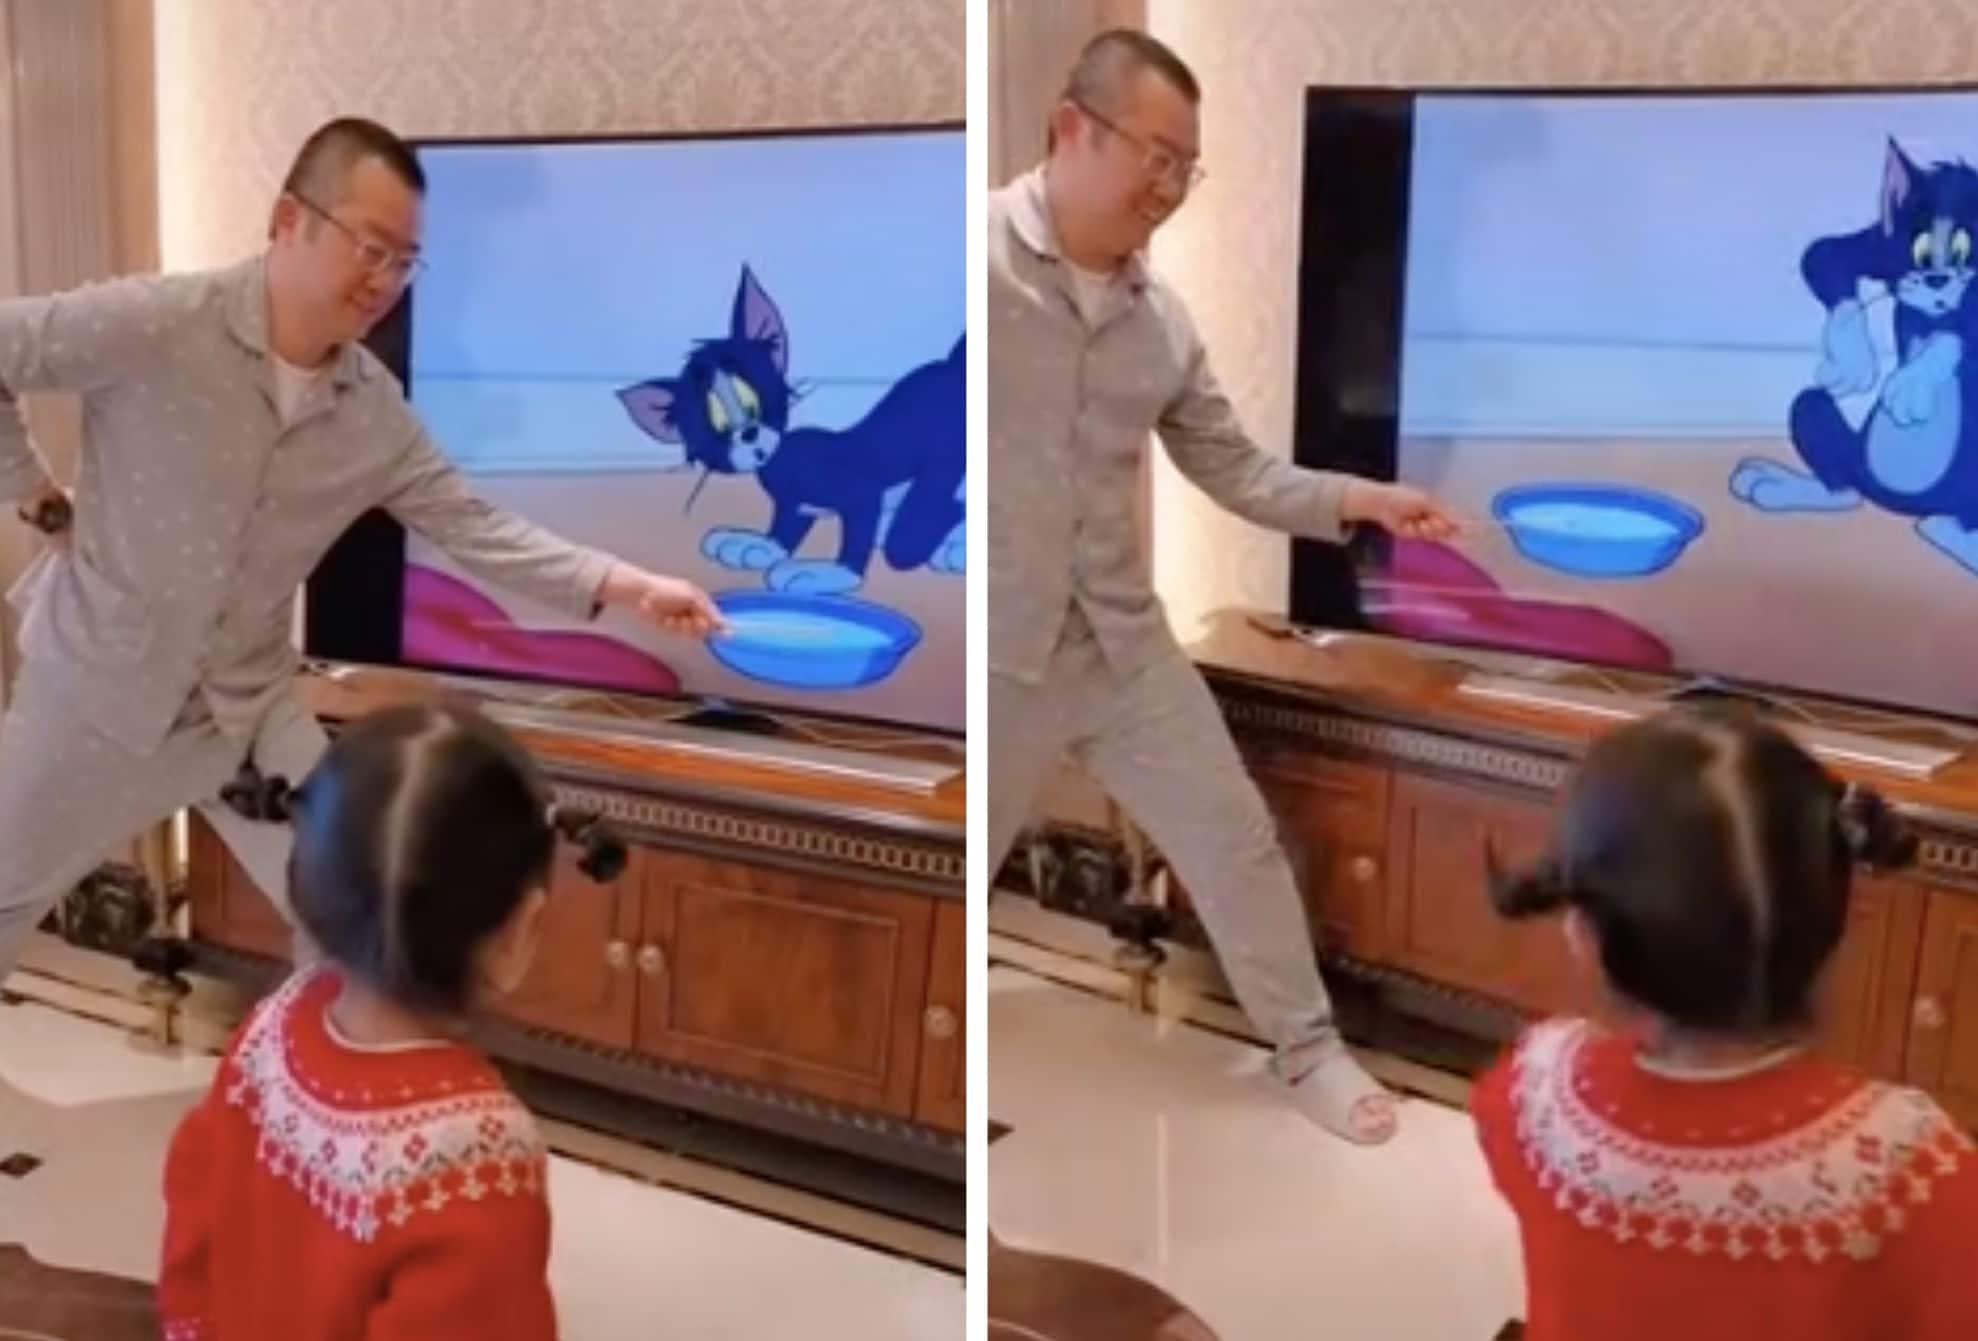 Ce papa fait un tour de magie qui va vous laisser sans voix (vidéo)